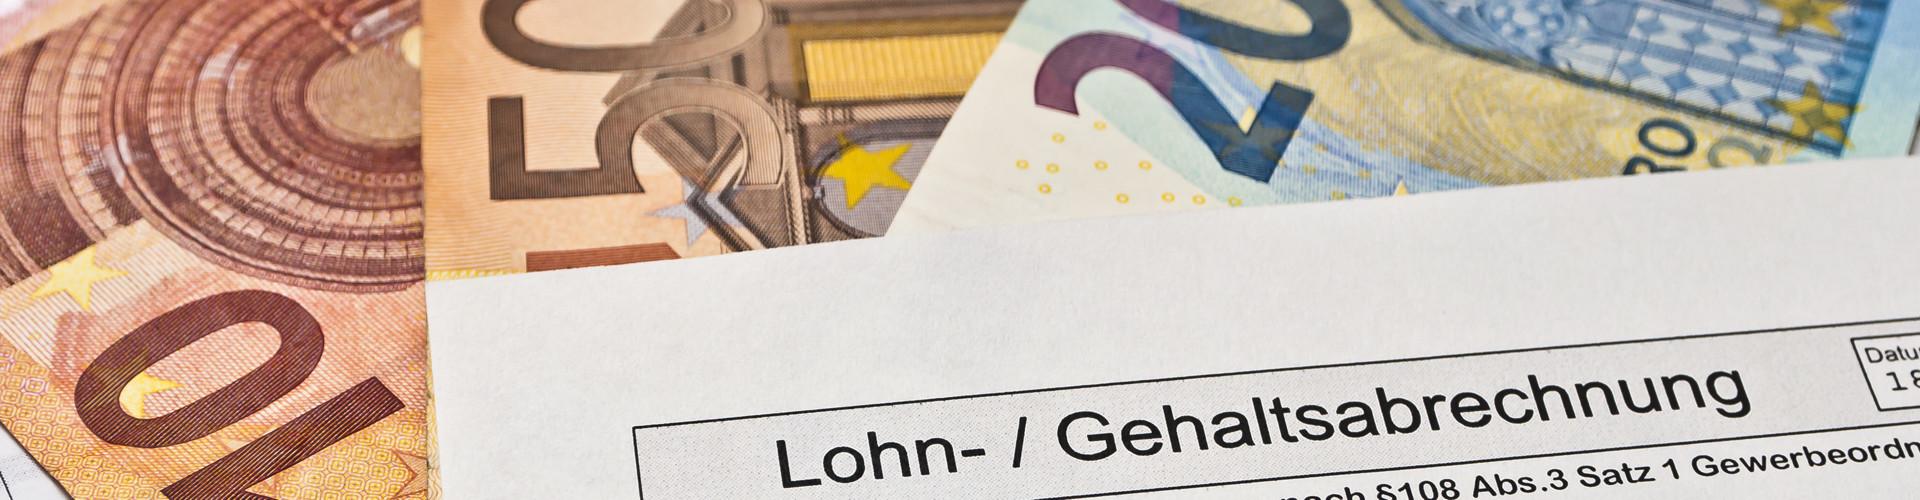 Eine Lohnabrechnung liegt auf mehreren Gelscheinen © Stockfotos-MG, stock.adobe.com